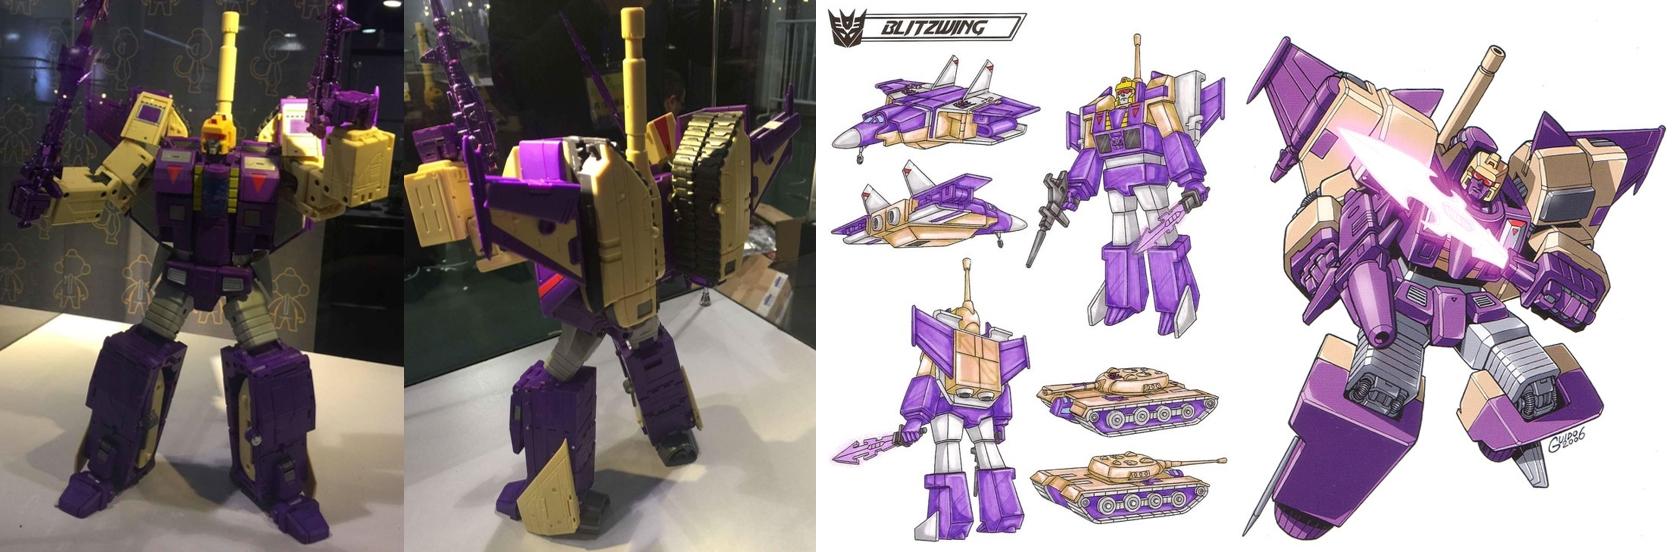 [DX9 Toys] Produit Tiers D-08 Gewalt - aka Blitzwing/Le Blitz MeVFwskw